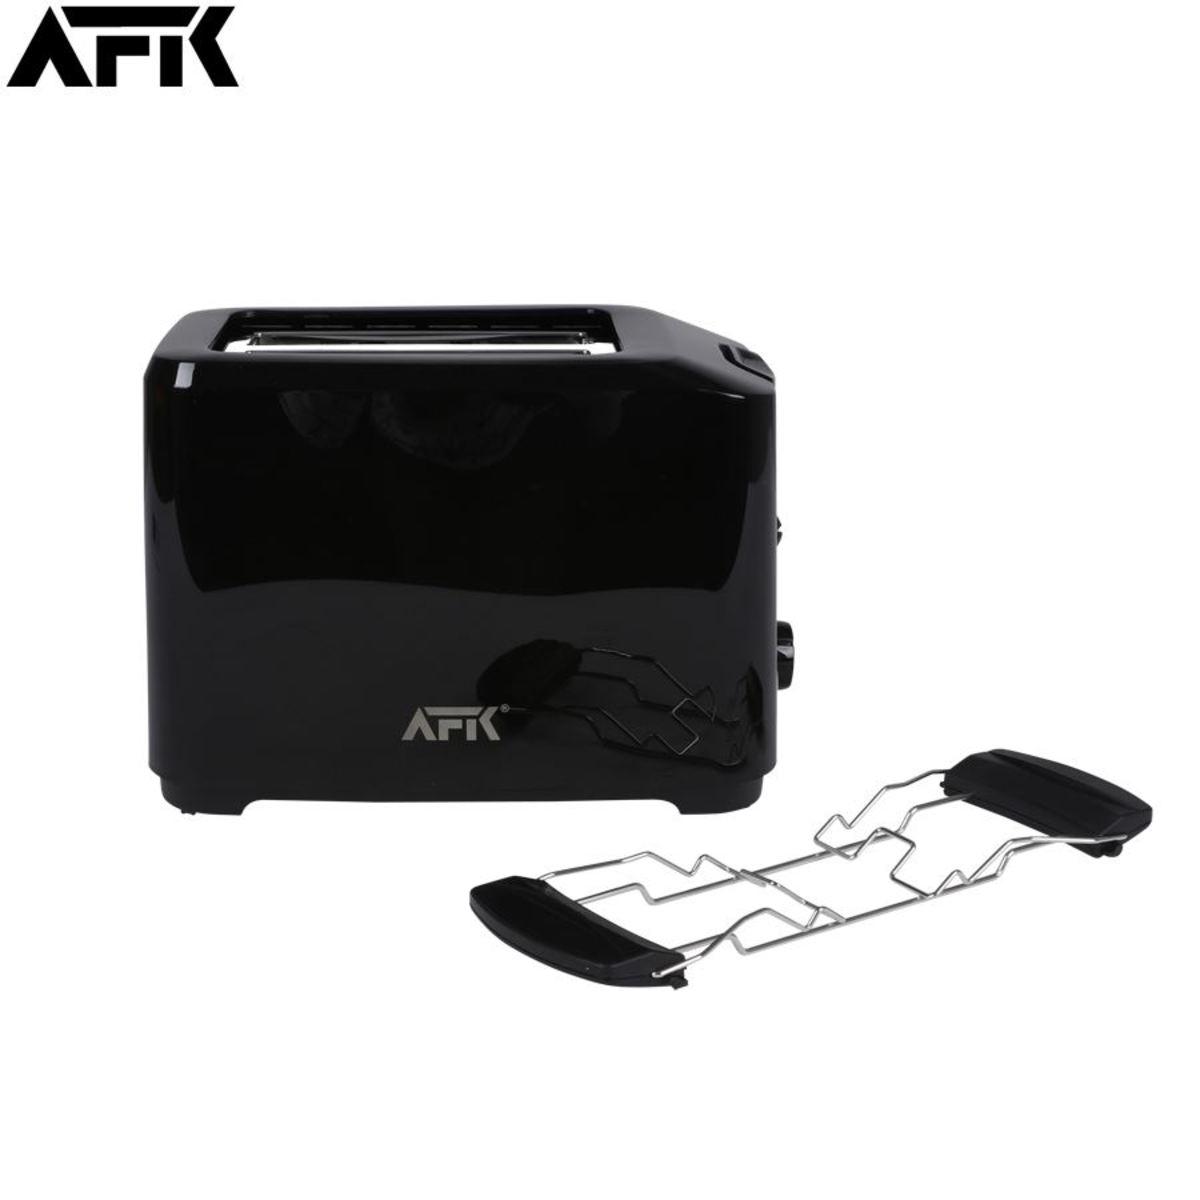 Bild 2 von AFK Toaster CTO-750.10.2 Schwarz